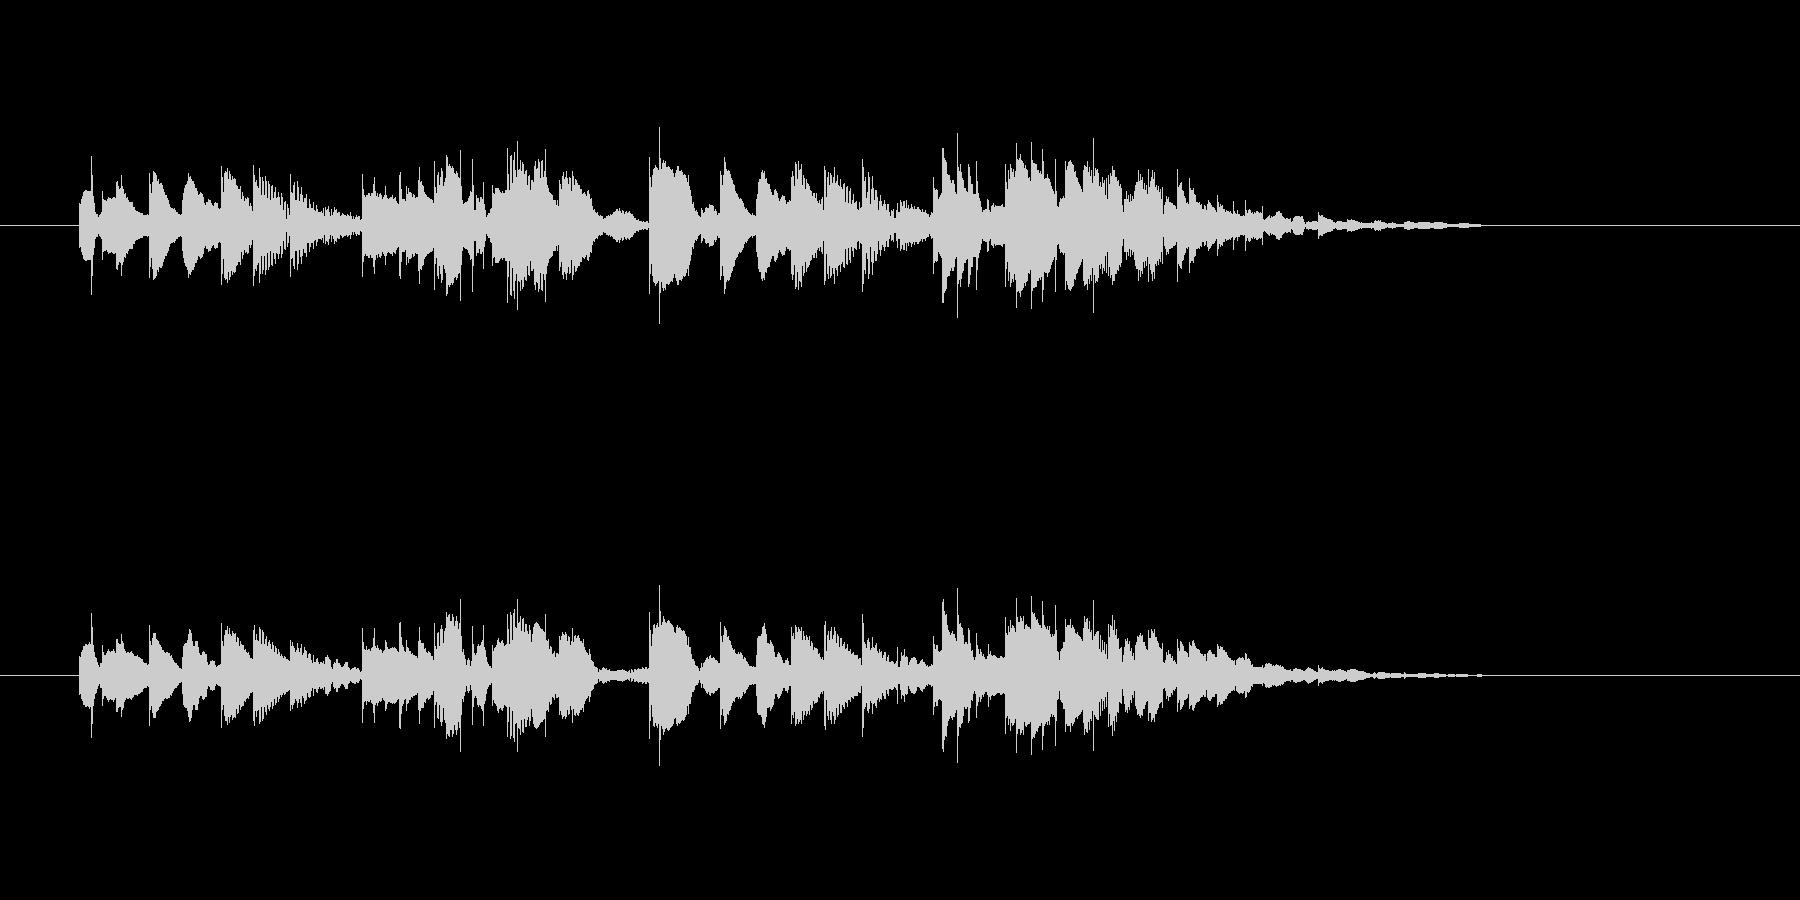 軽やかなマリンバのメロディーの未再生の波形